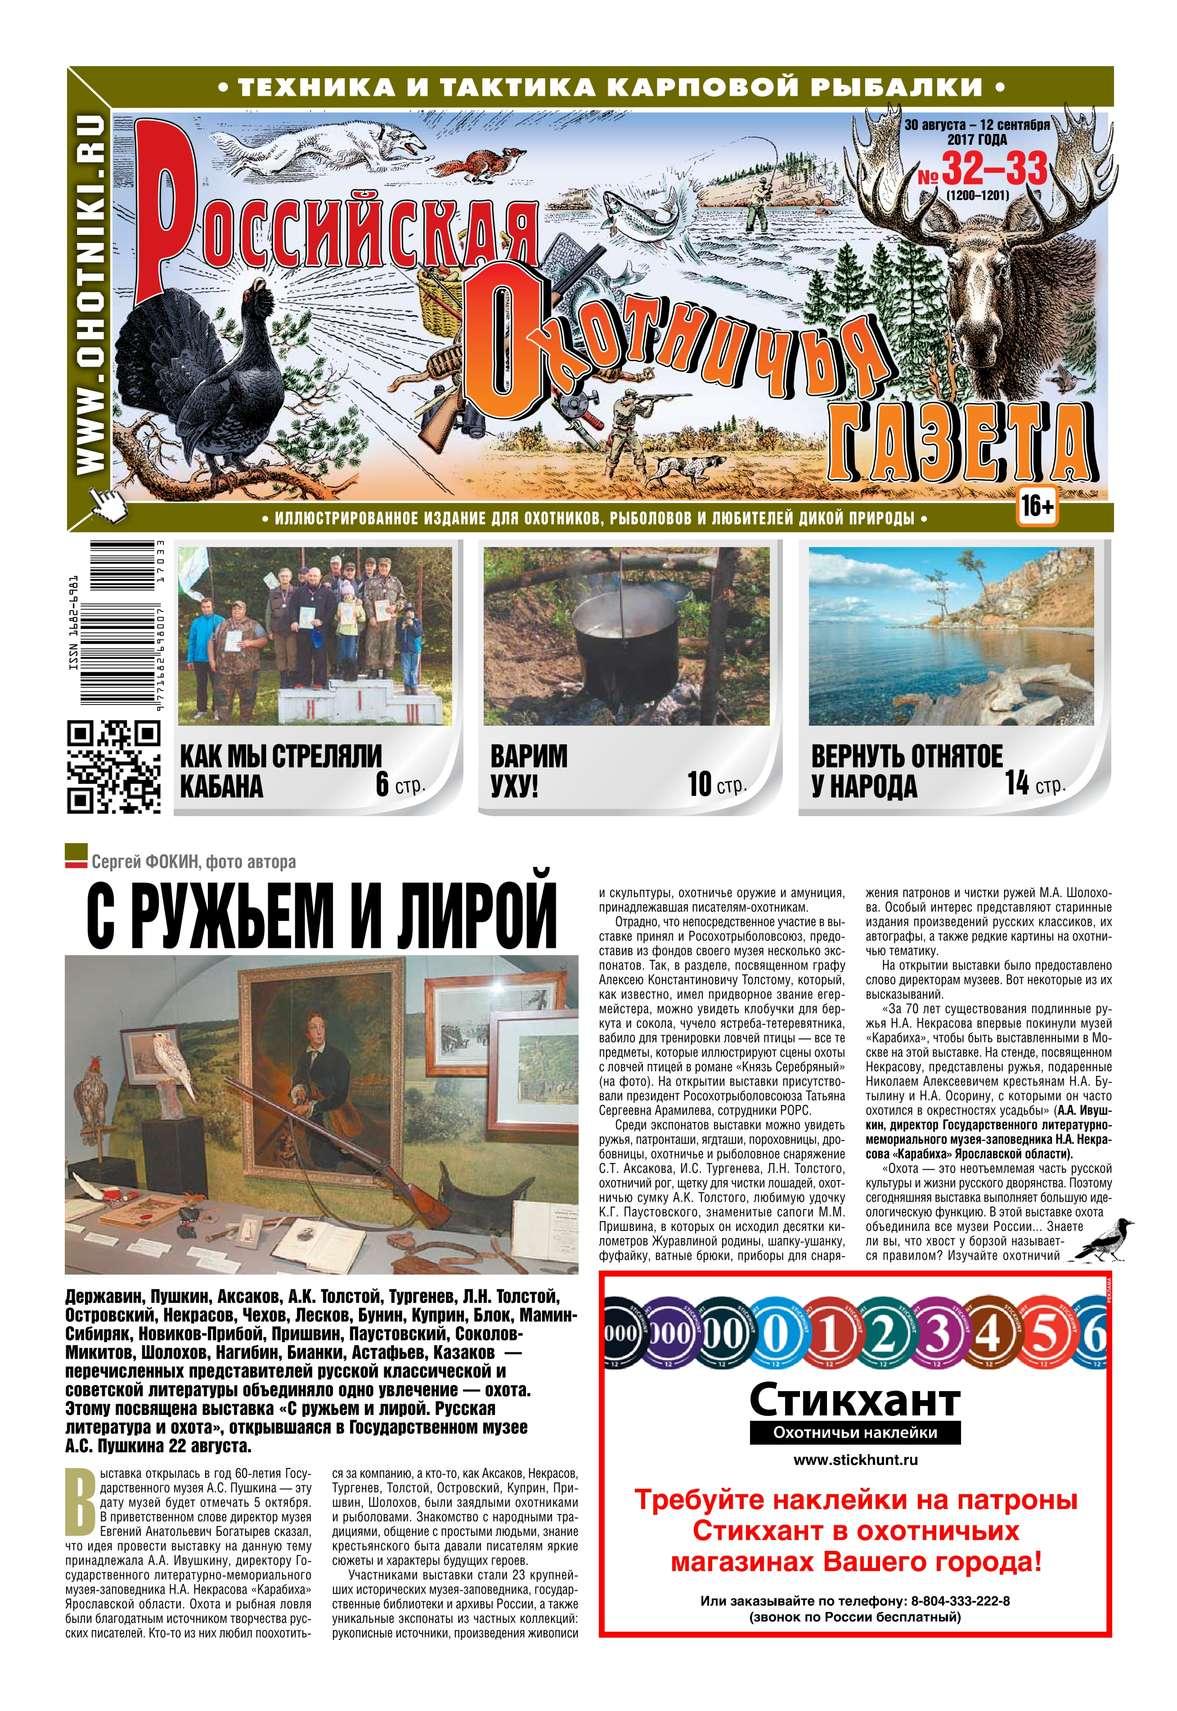 Редакция газеты Российская Охотничья Газета Российская Охотничья Газета 32-33-2017 цены